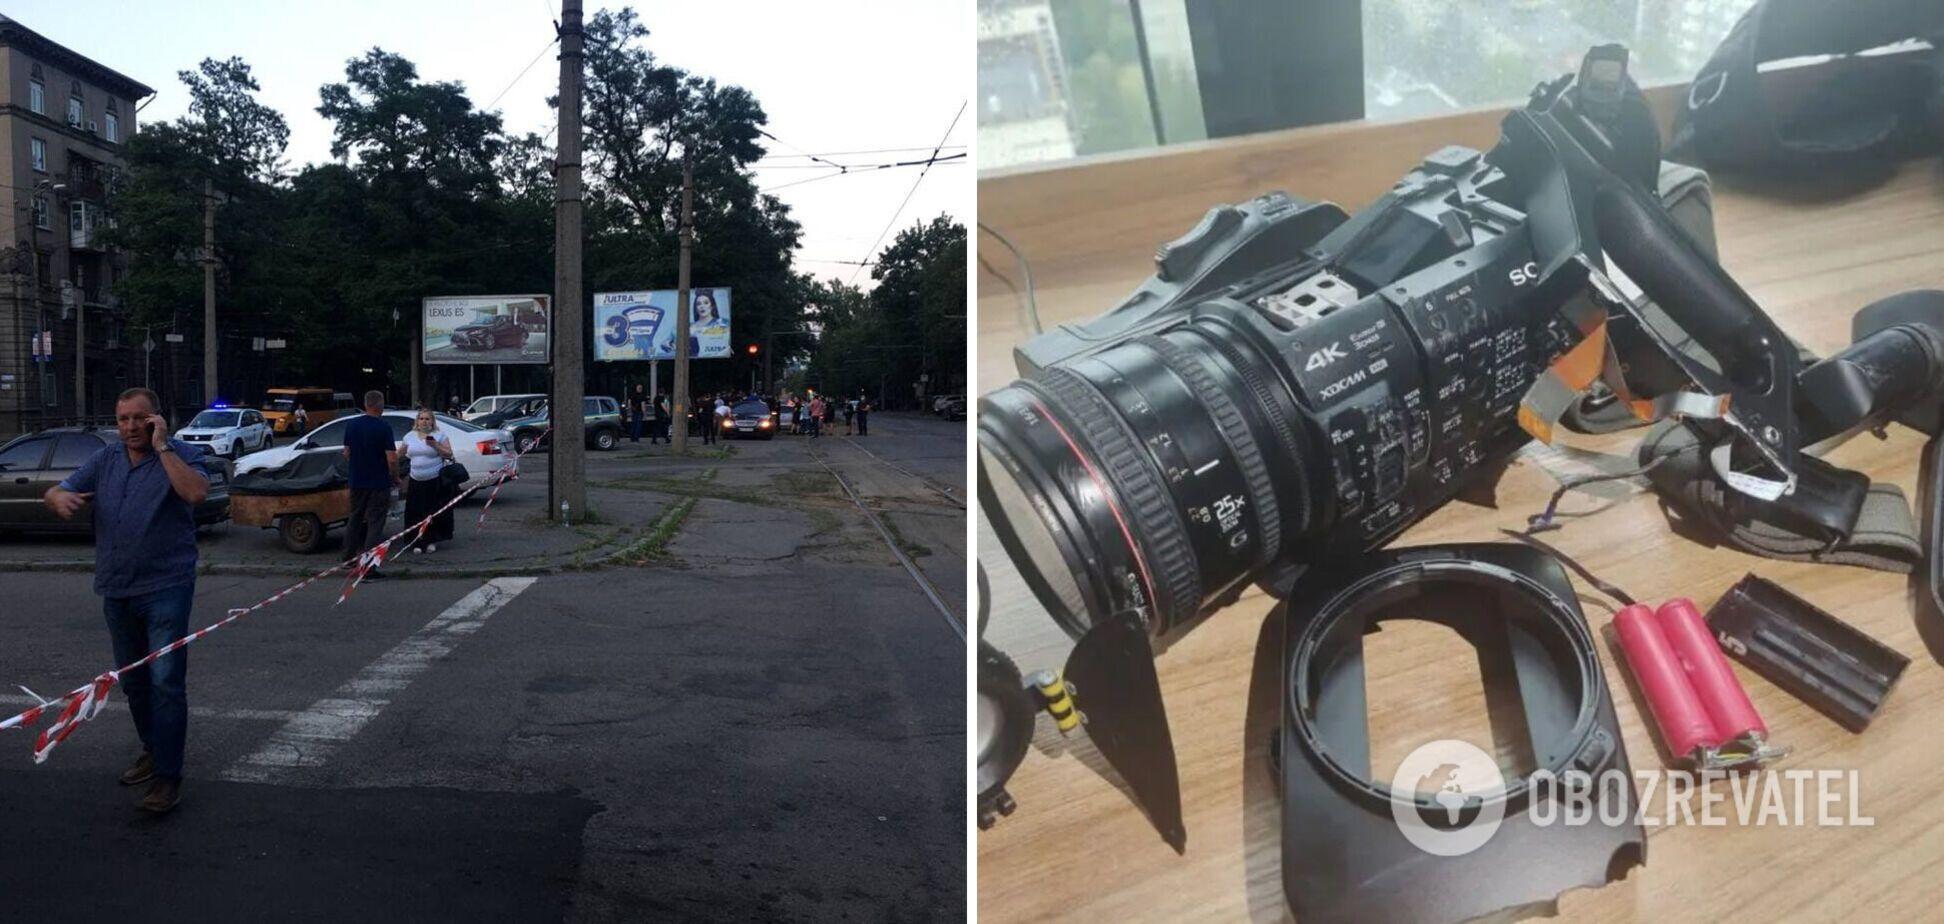 В Днепре атаковали журналистов, которые фиксировали демонтаж рекламных конструкций, – НСЖУ